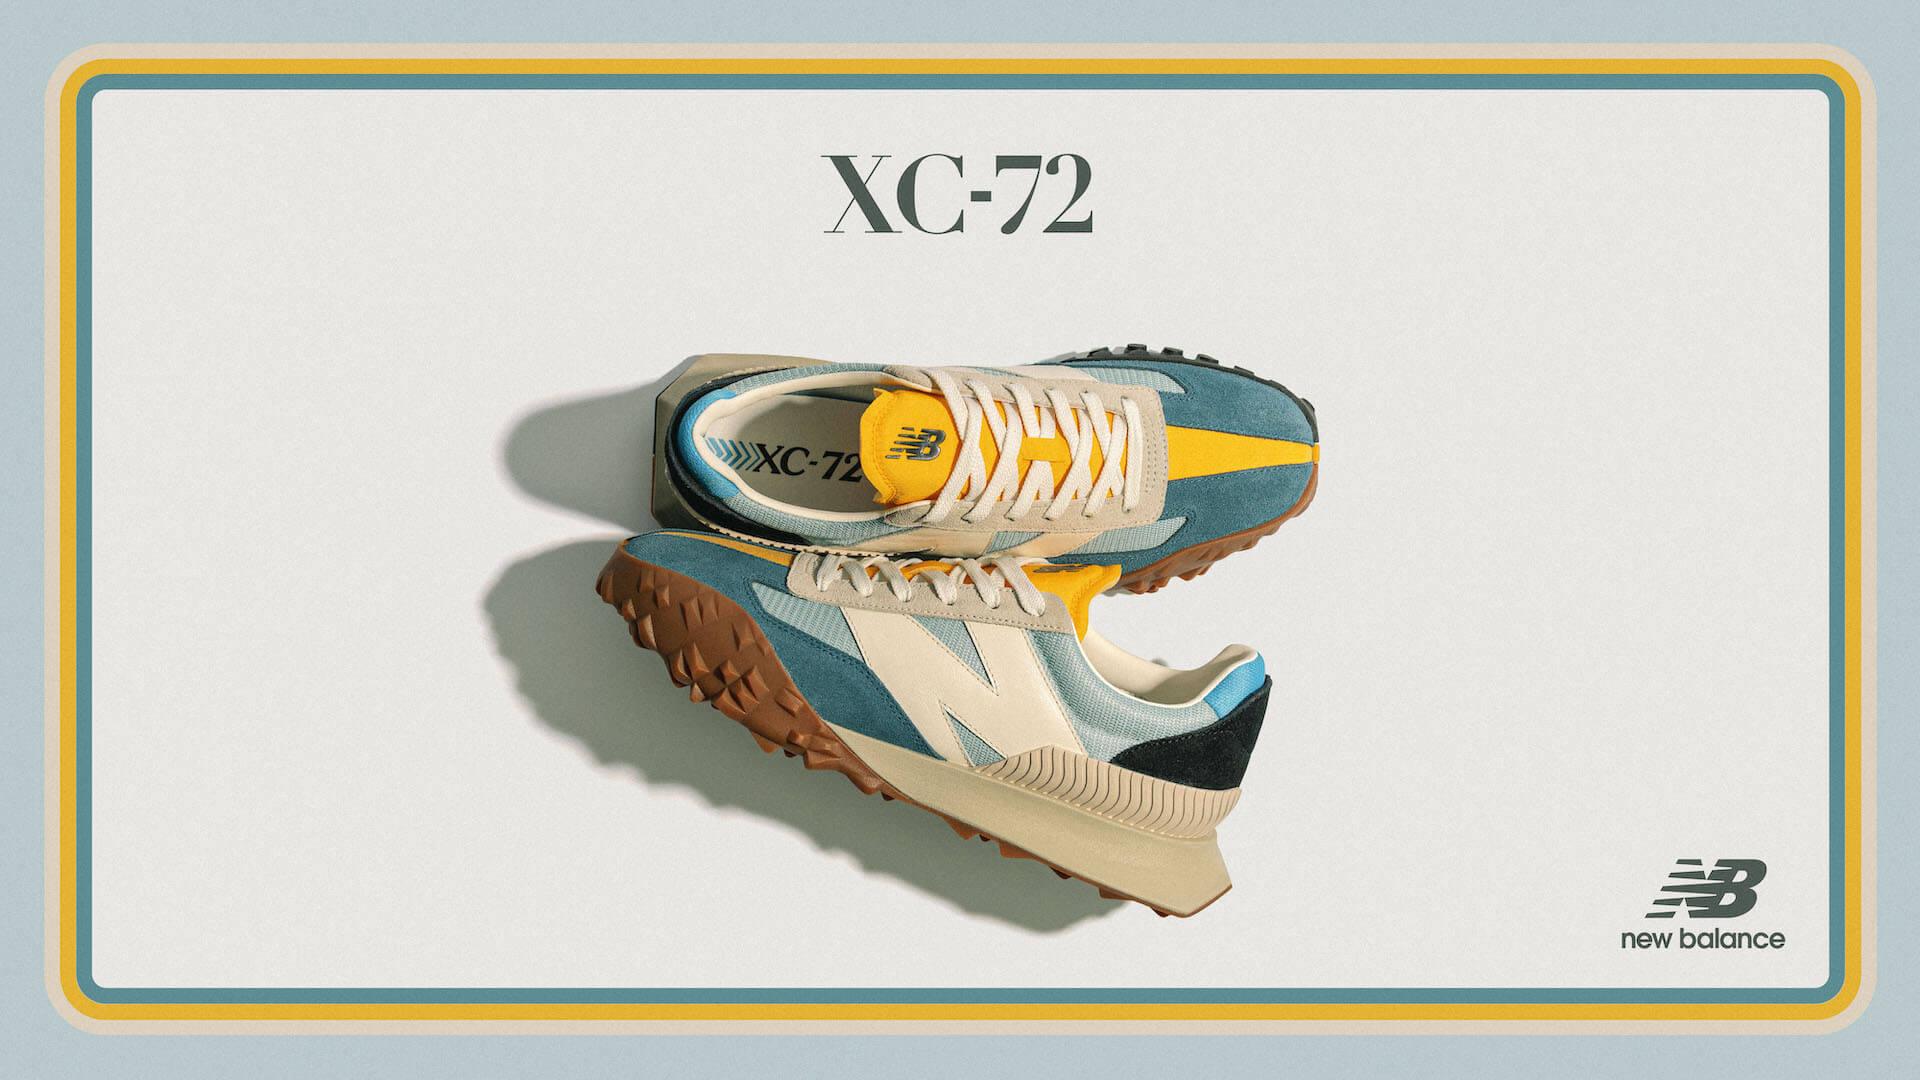 ニューバランスから今年発売された新モデル「XC-72」に新色のブルーイエローが登場! life210910_newbalance_xc72_7